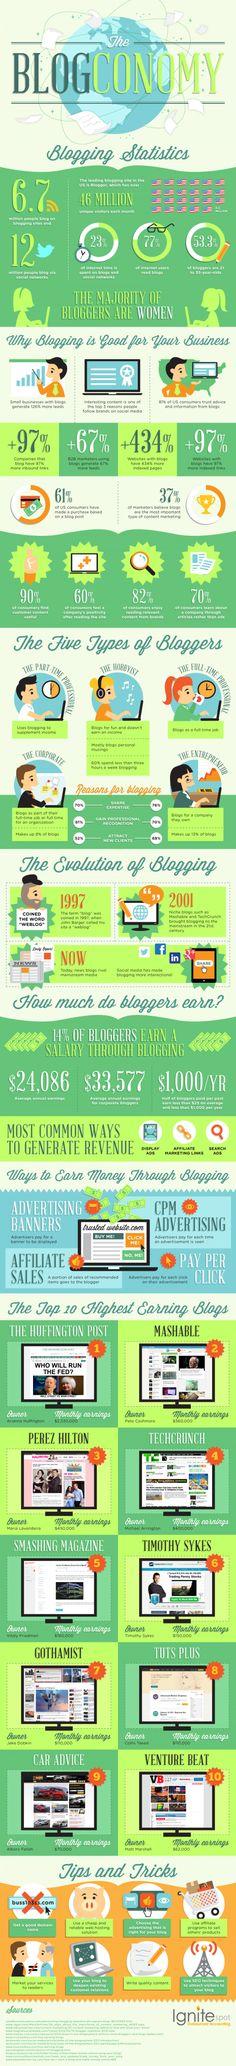 The Blogconomy [infographic]